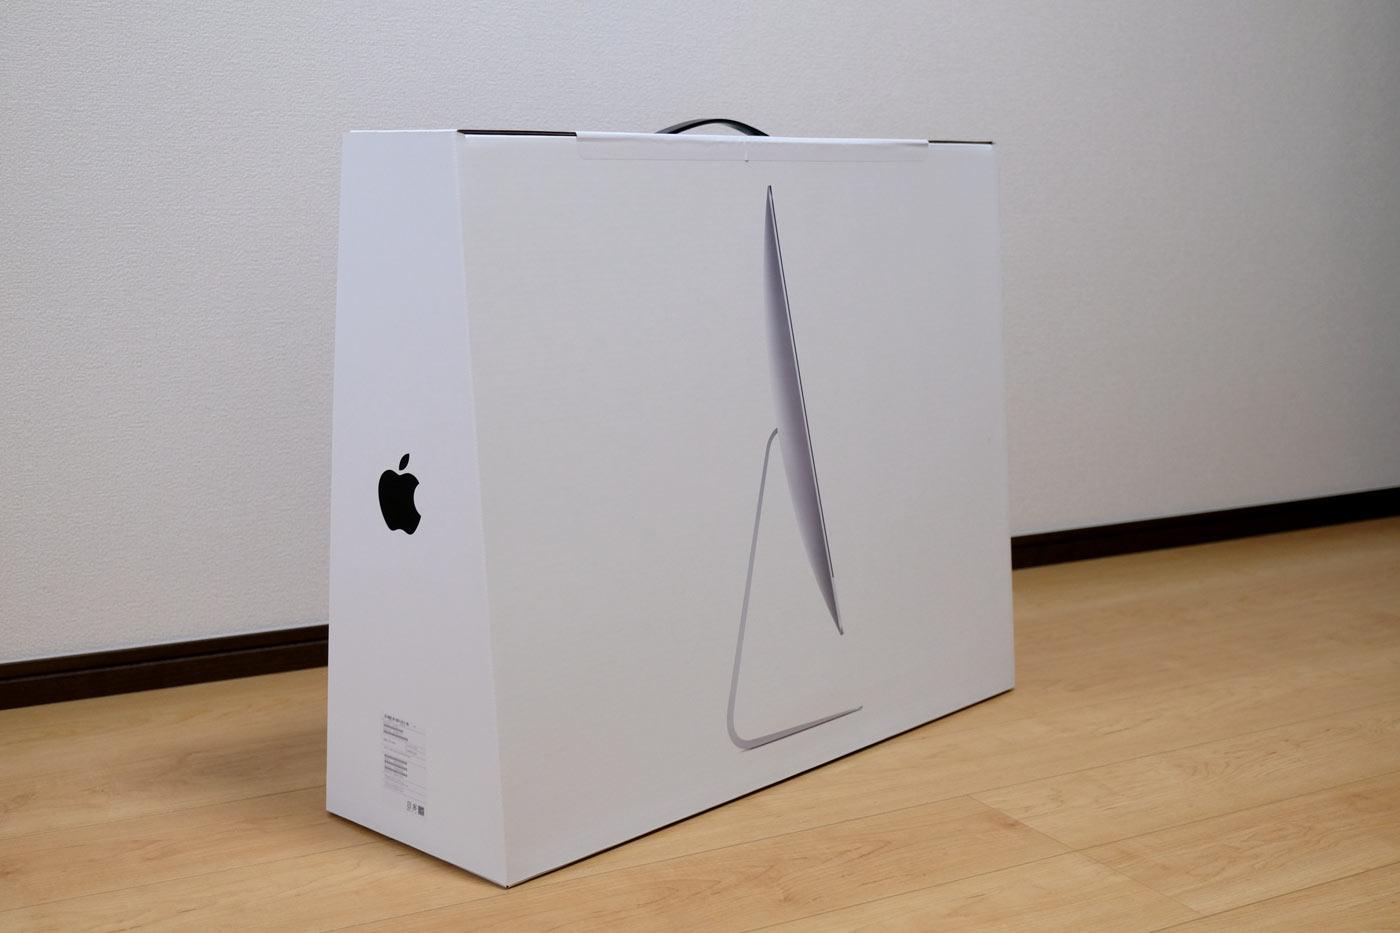 27インチiMac 5K パッケージ裏面